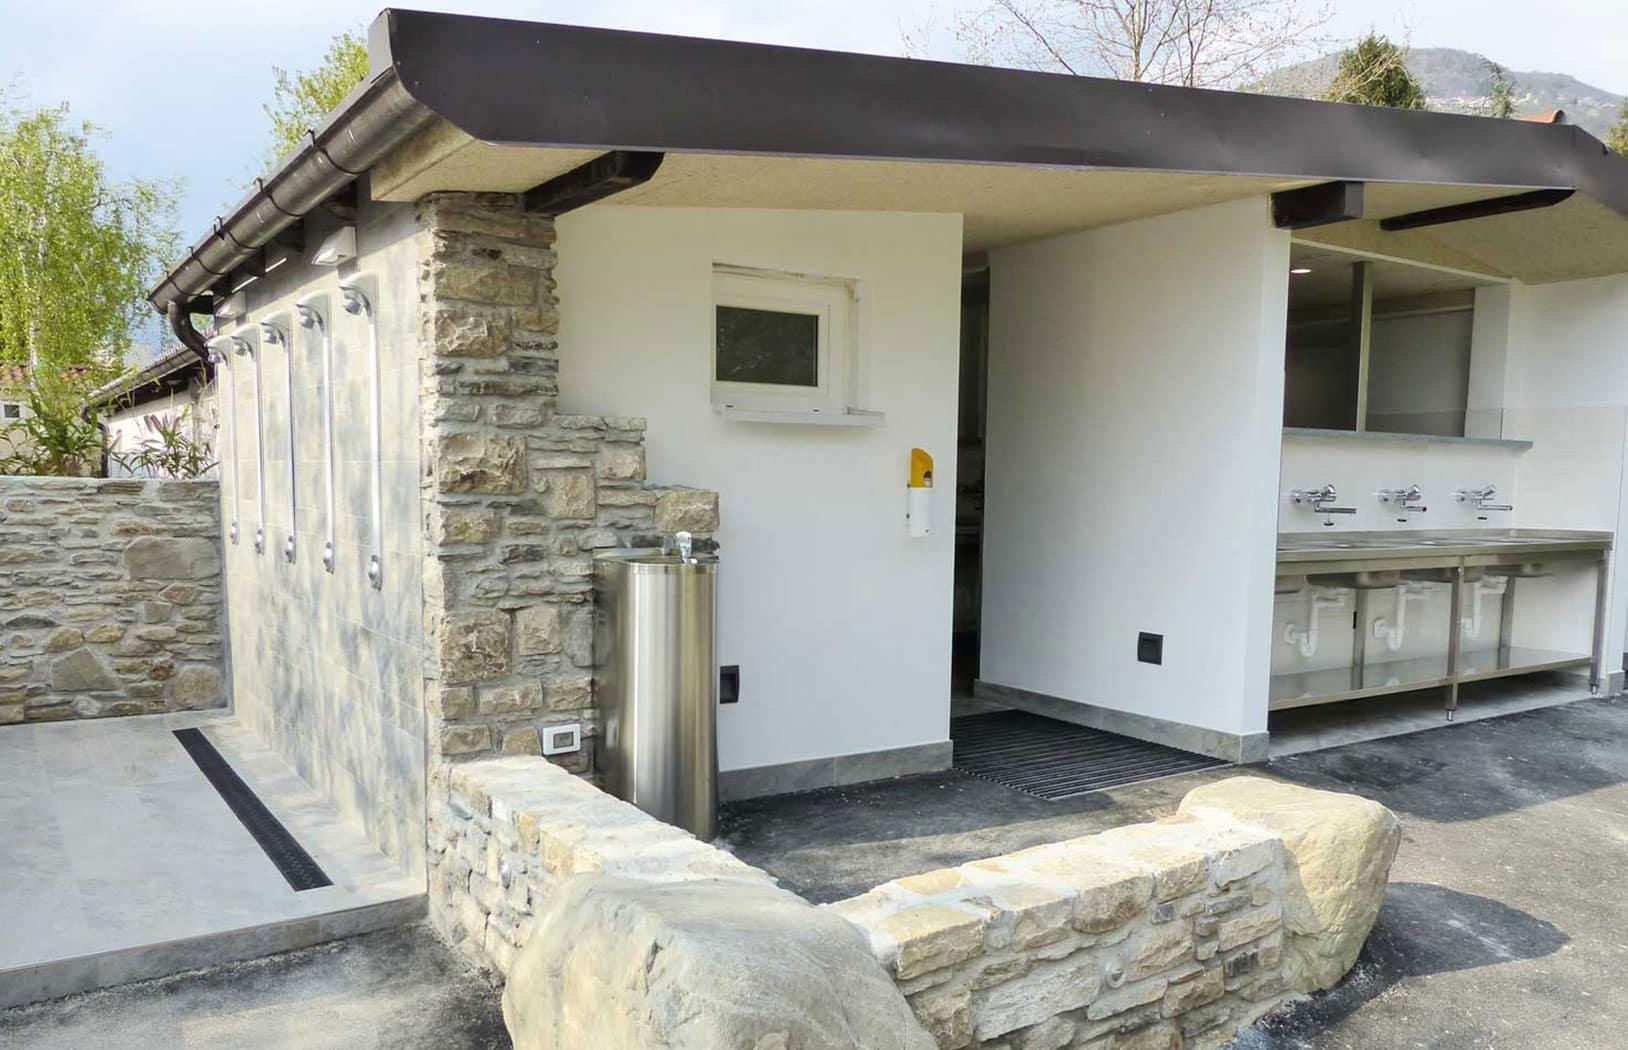 Wohnmobil Campingplatz mit sanitären Einrichtungen